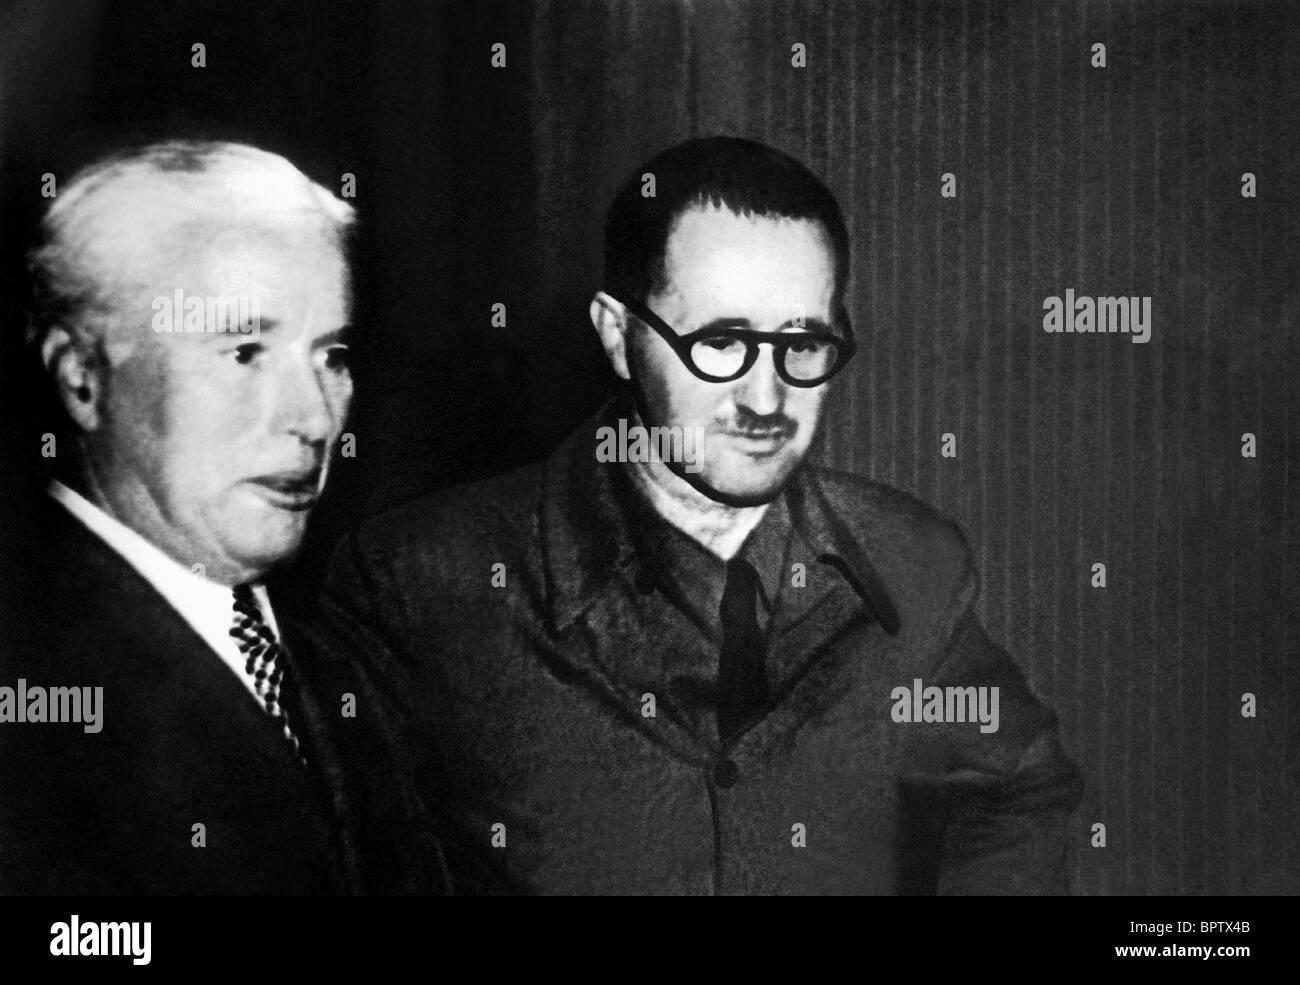 CHARLIE CHAPLIN & BERTOLT BRECHT ACTOR & WRITER LEBEN DES GALILEI